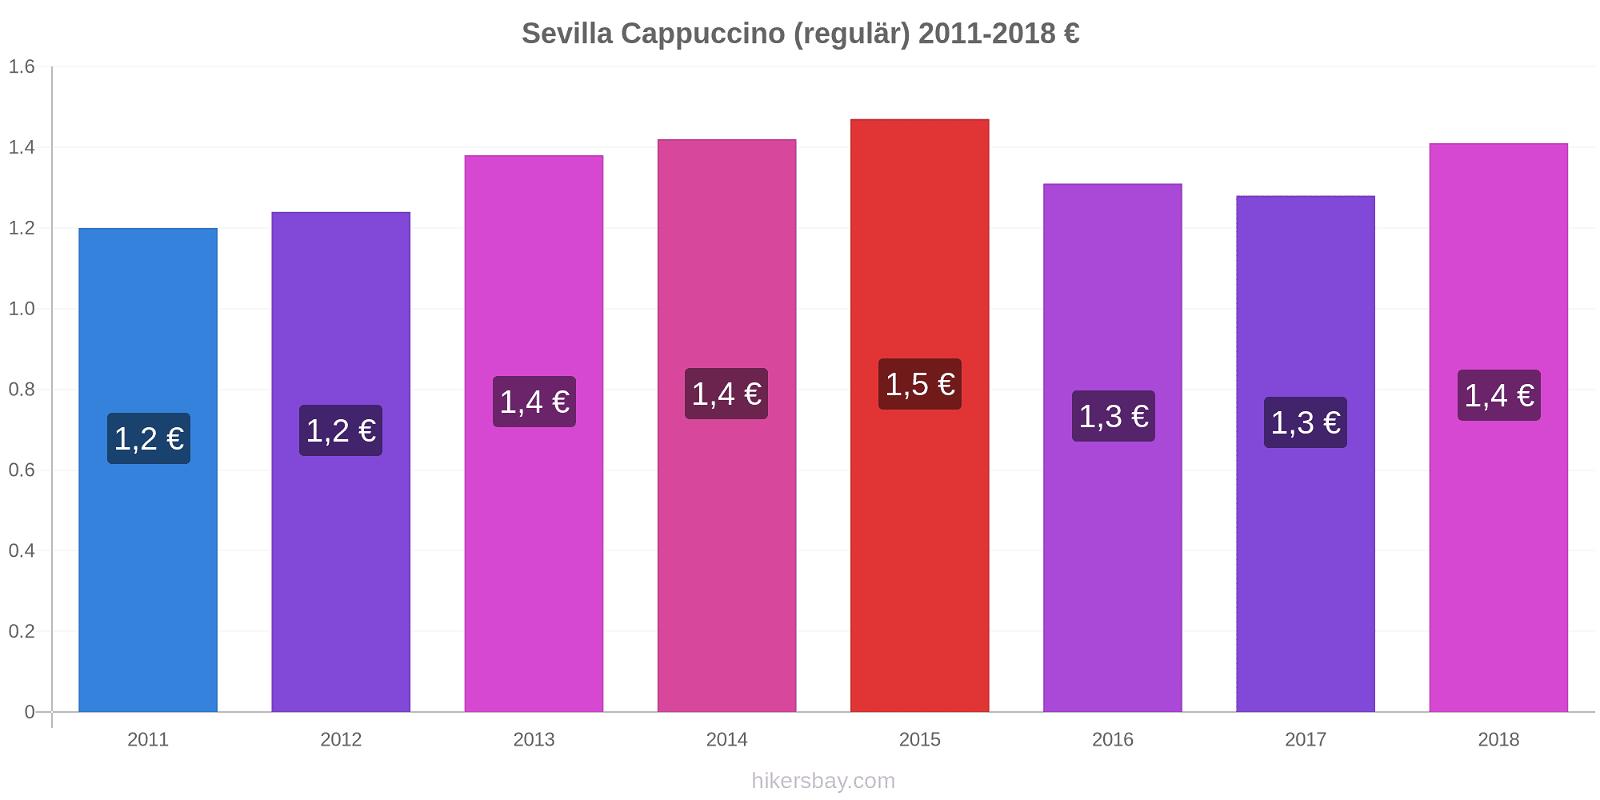 Sevilla Preisänderungen Cappuccino (regulär) hikersbay.com